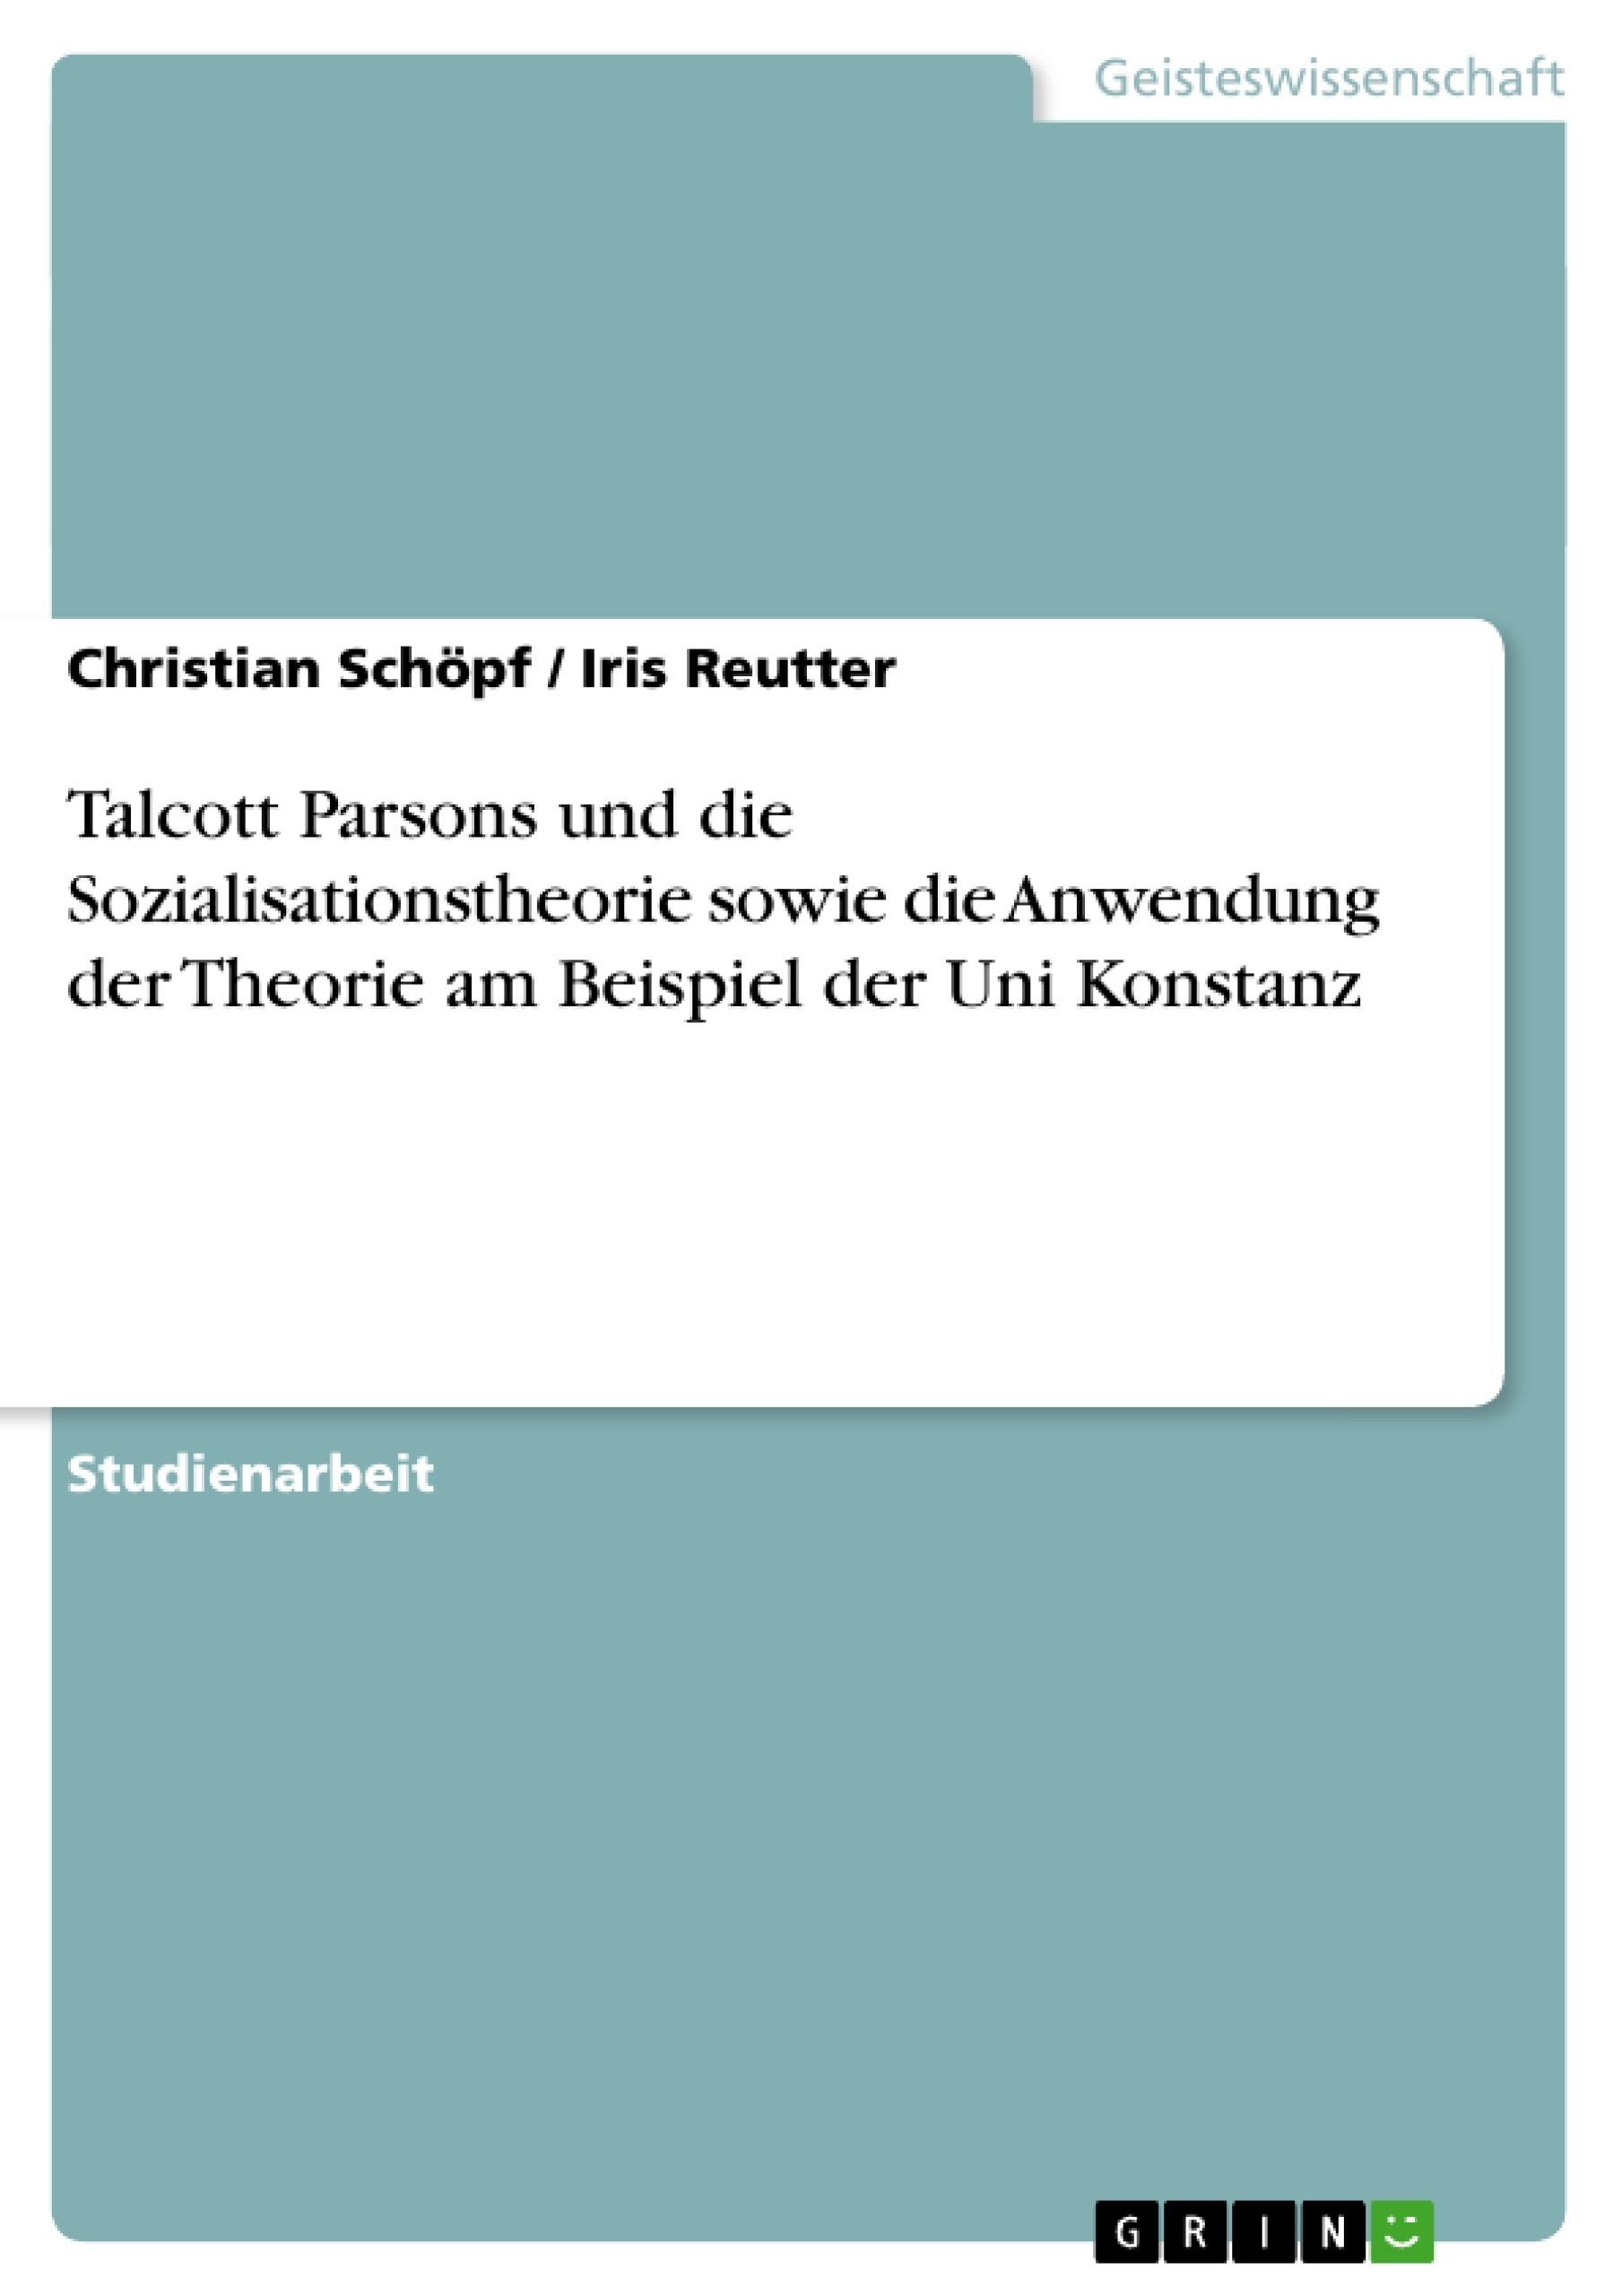 Titel: Talcott Parsons und die Sozialisationstheorie sowie die Anwendung der Theorie am Beispiel der Uni Konstanz